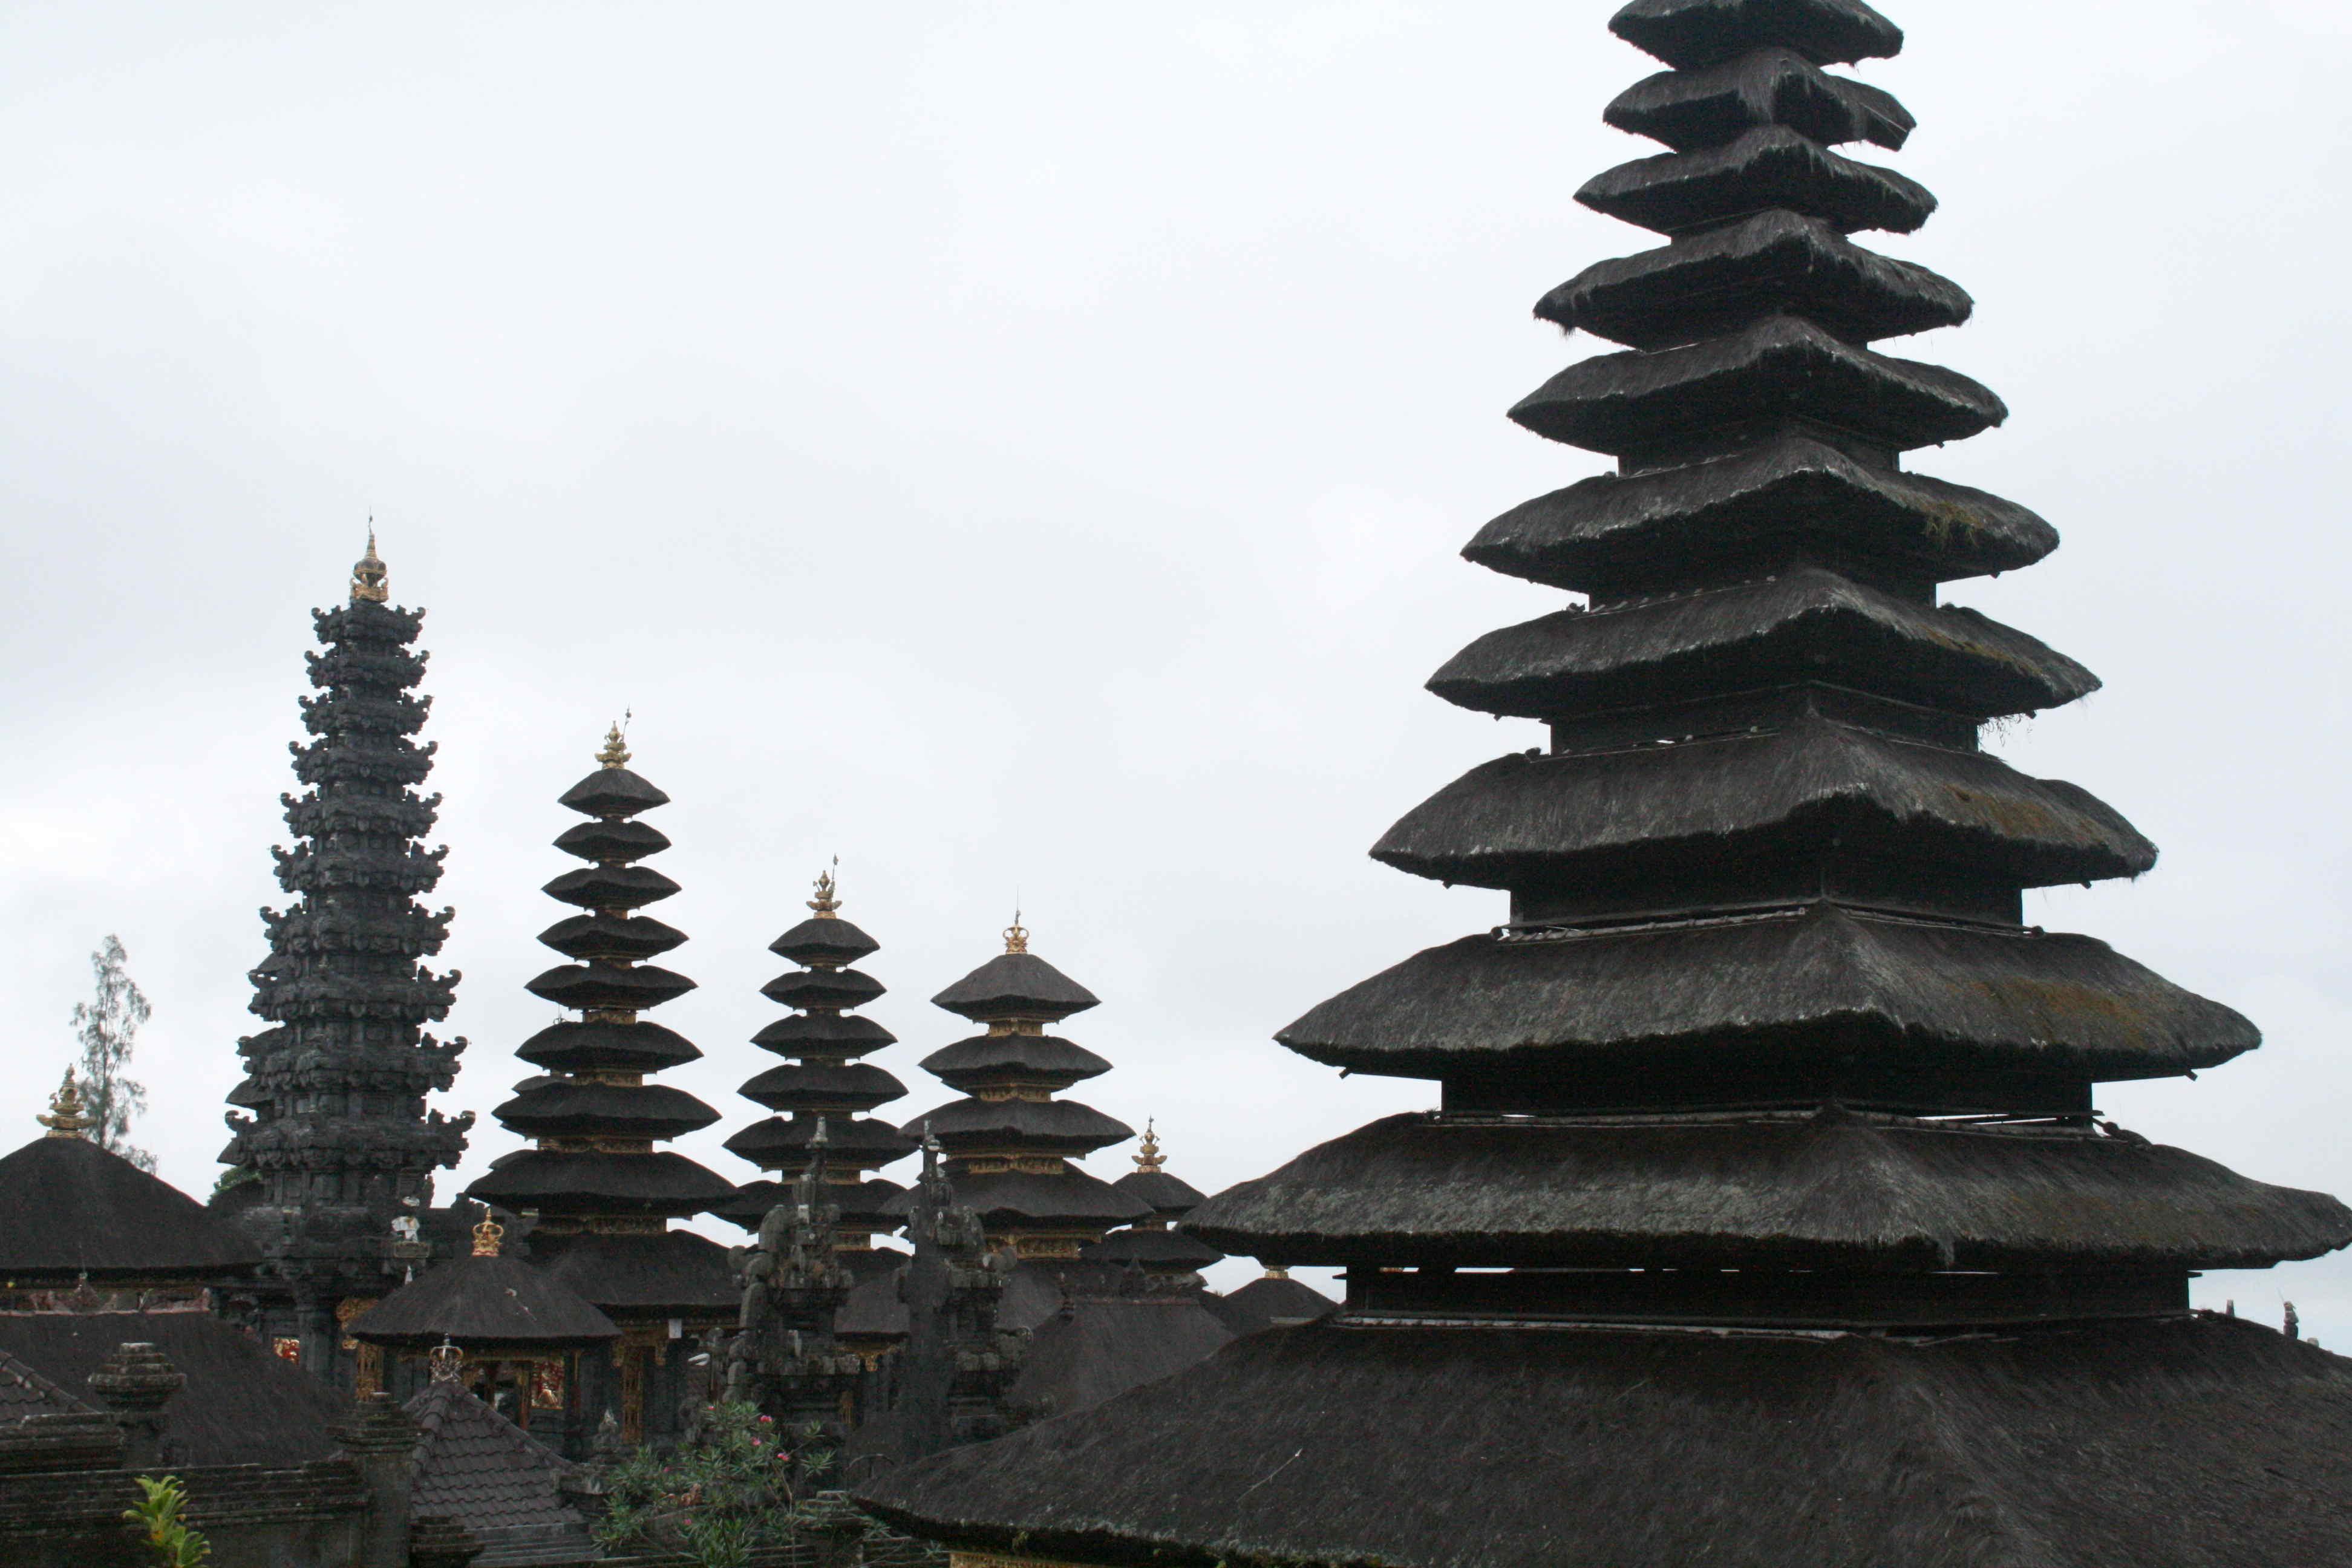 Les tours de Besakih